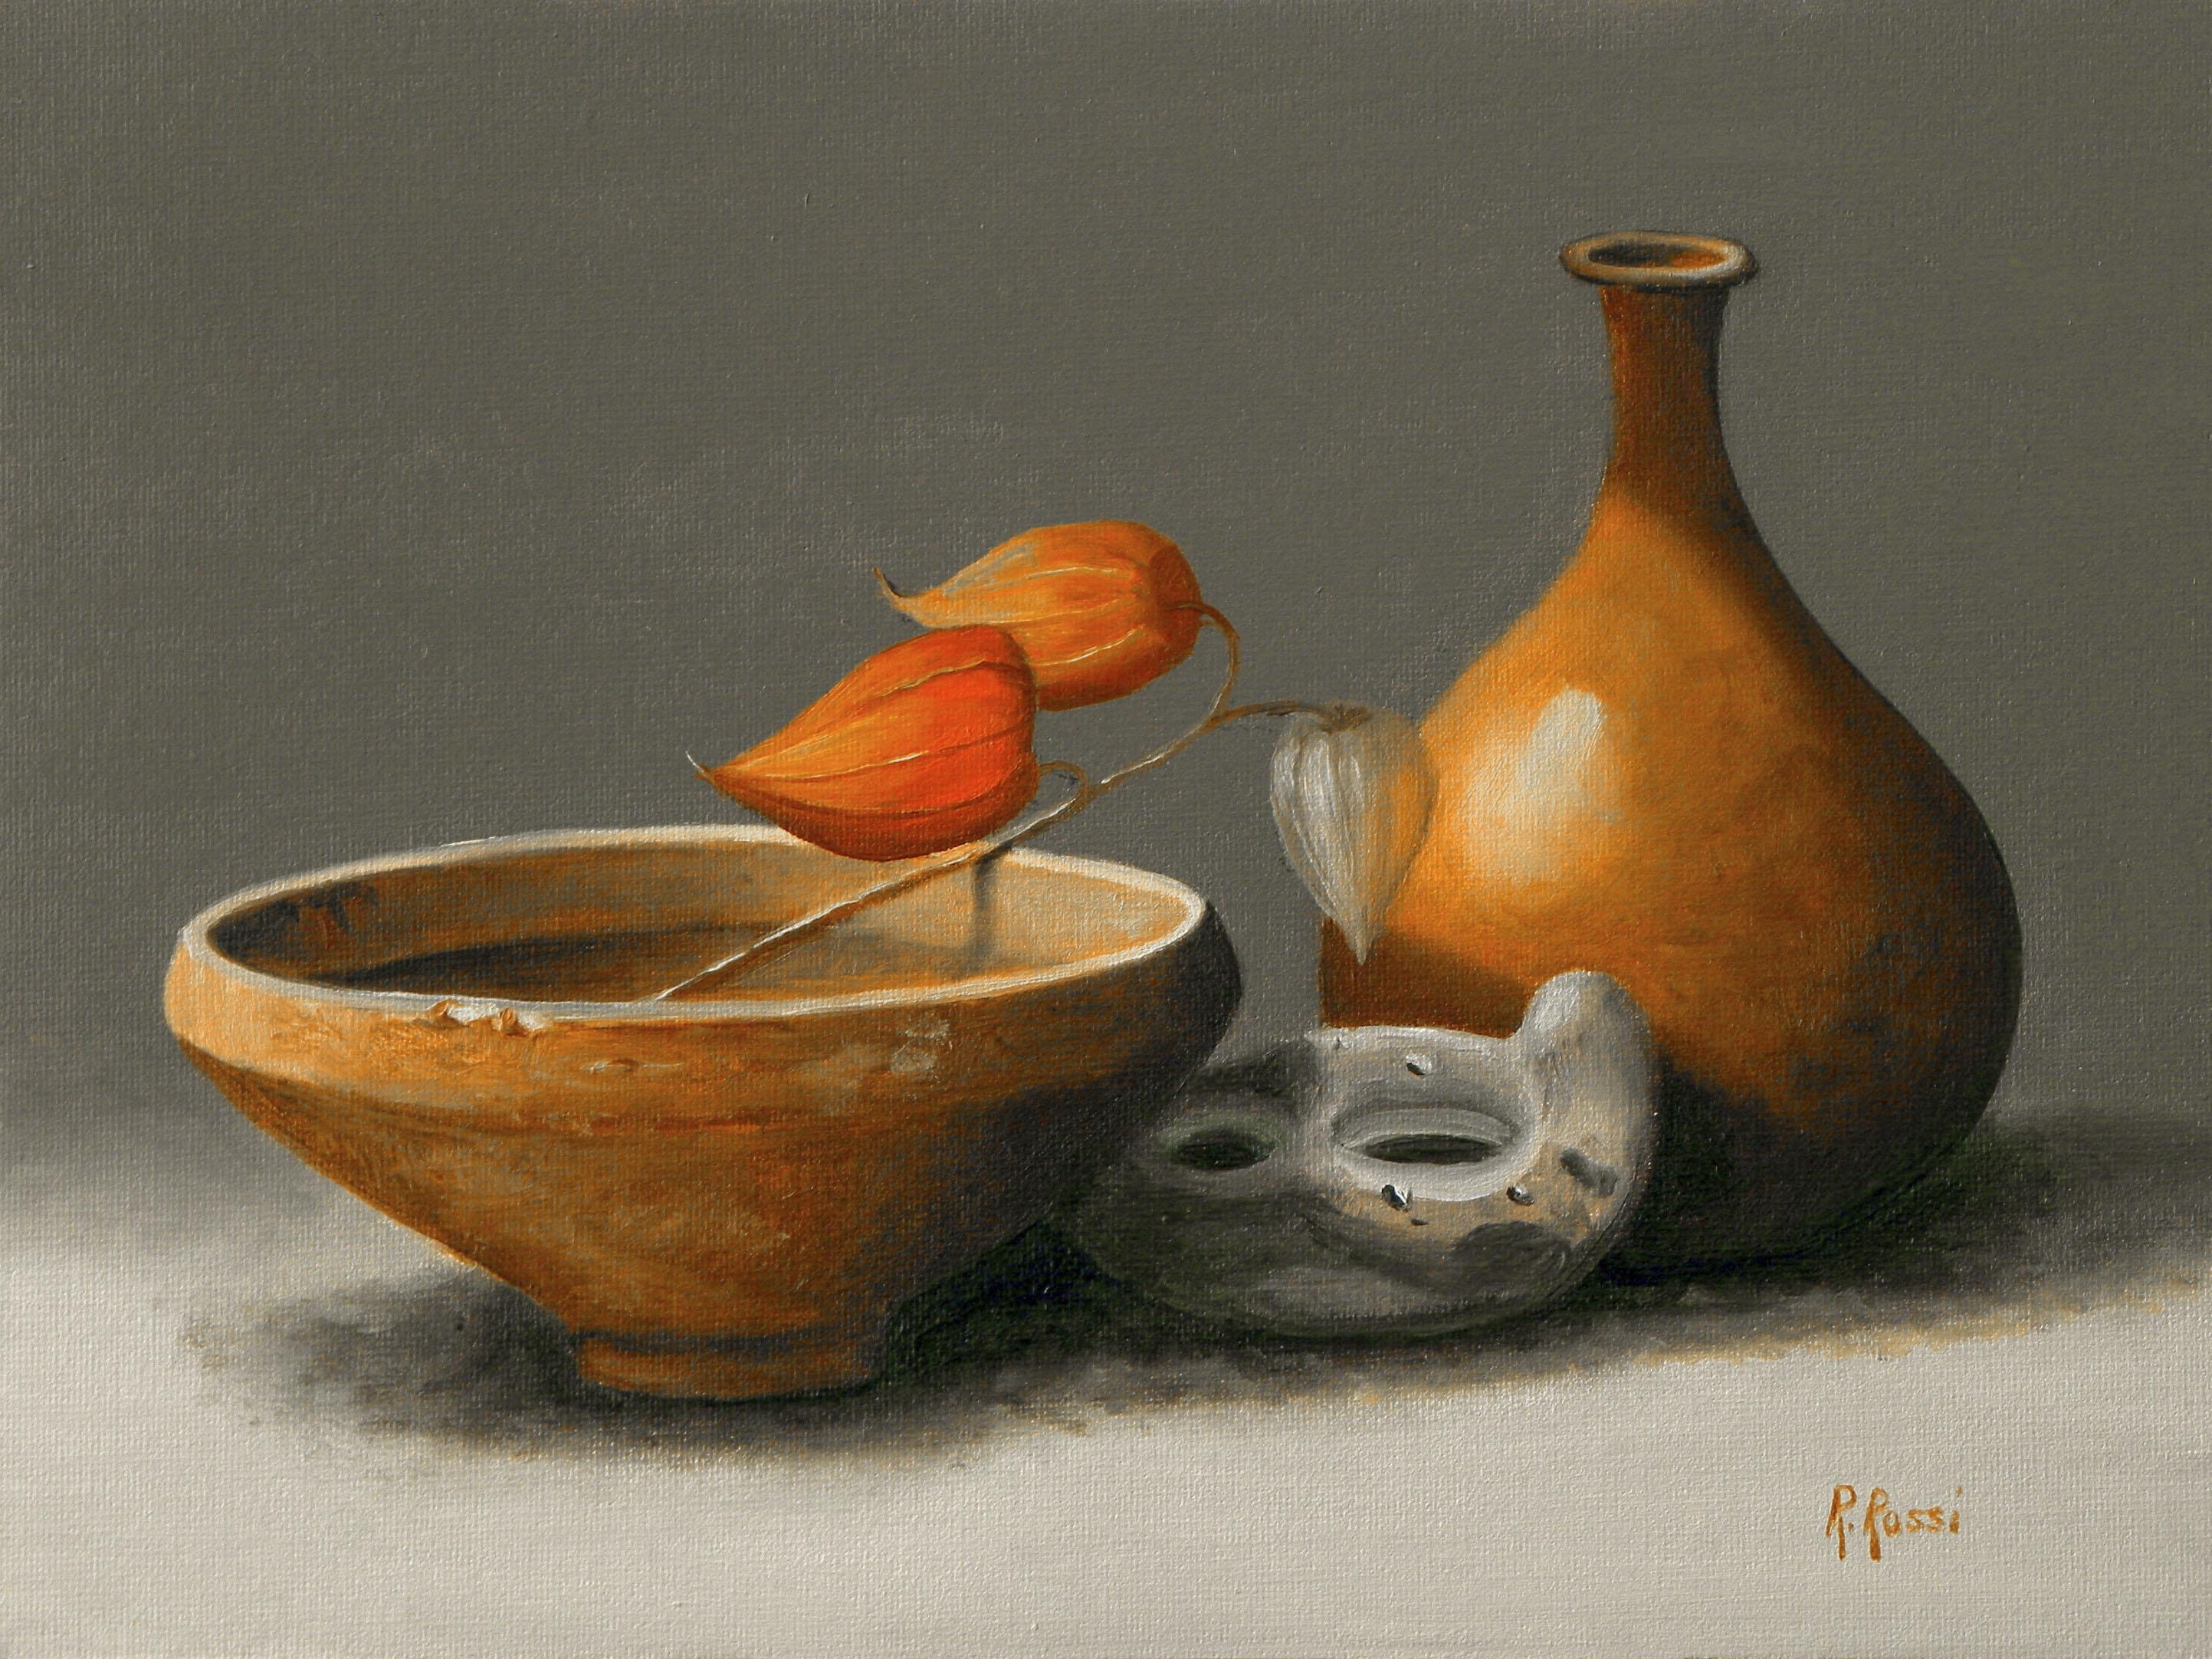 2010 roberta rossi - ceramiche etrusche con alchechengi - olio su tela - 18 x 24